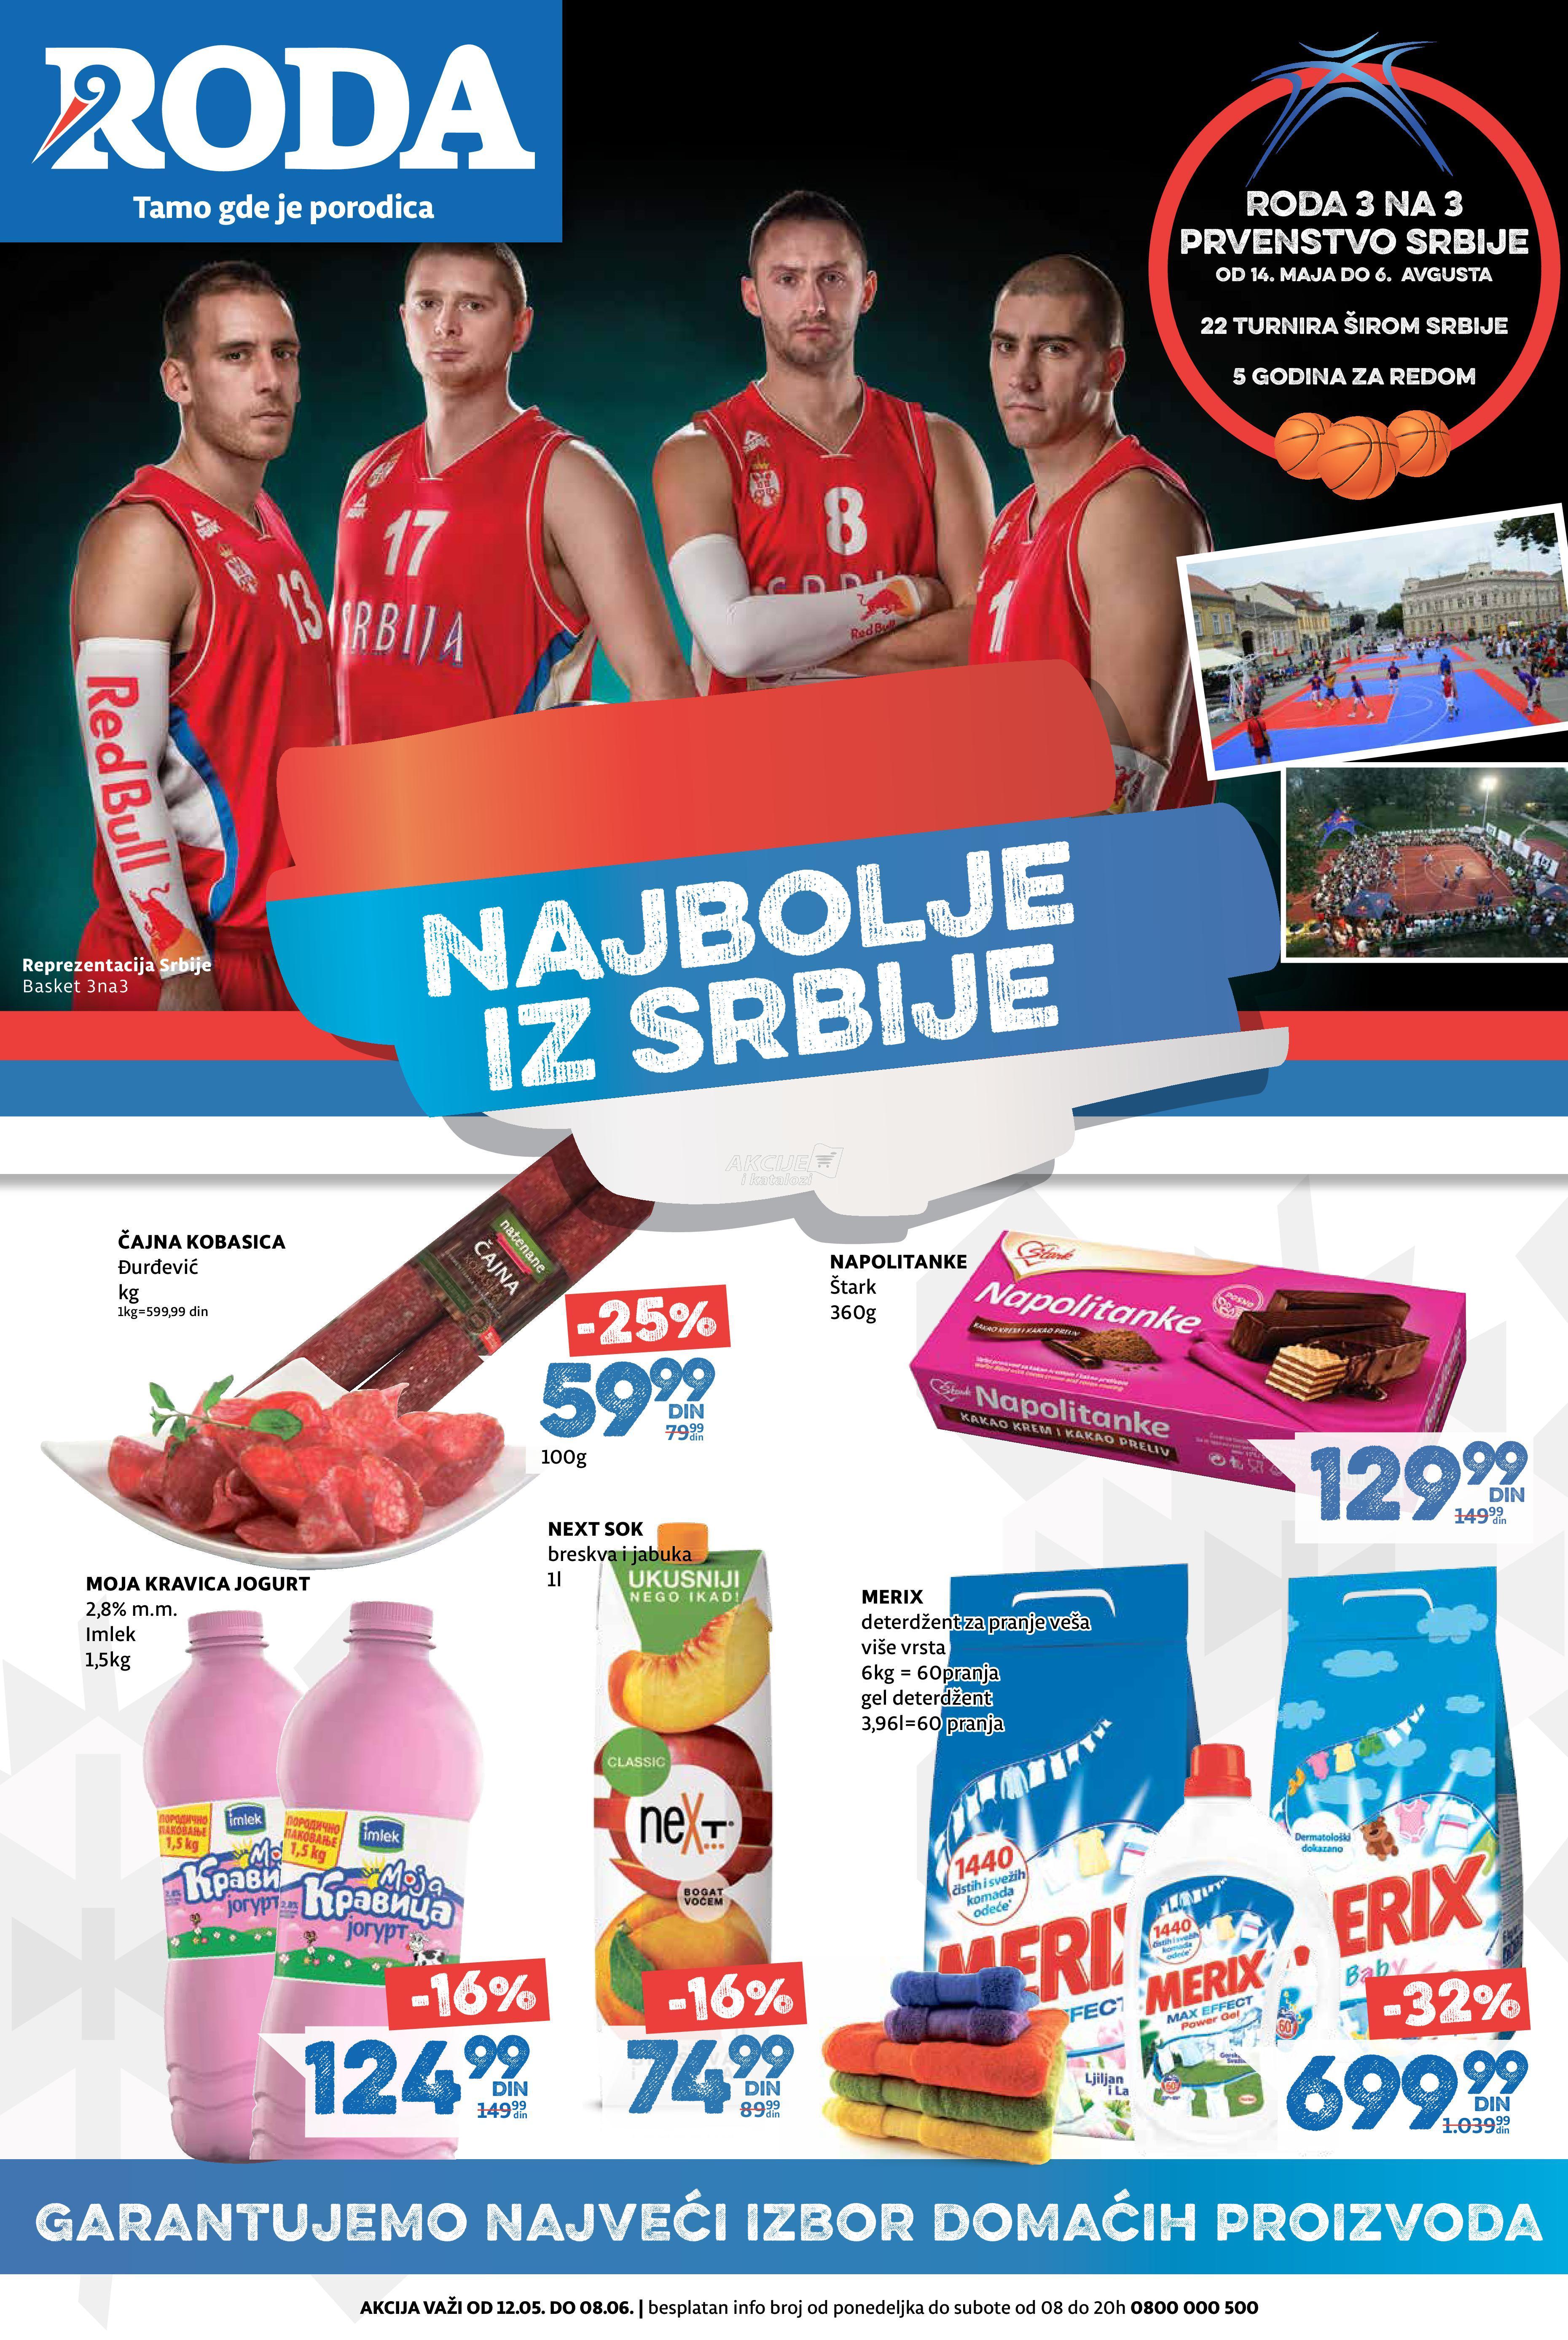 Roda - Redovna akcija najbolje iz Srbije